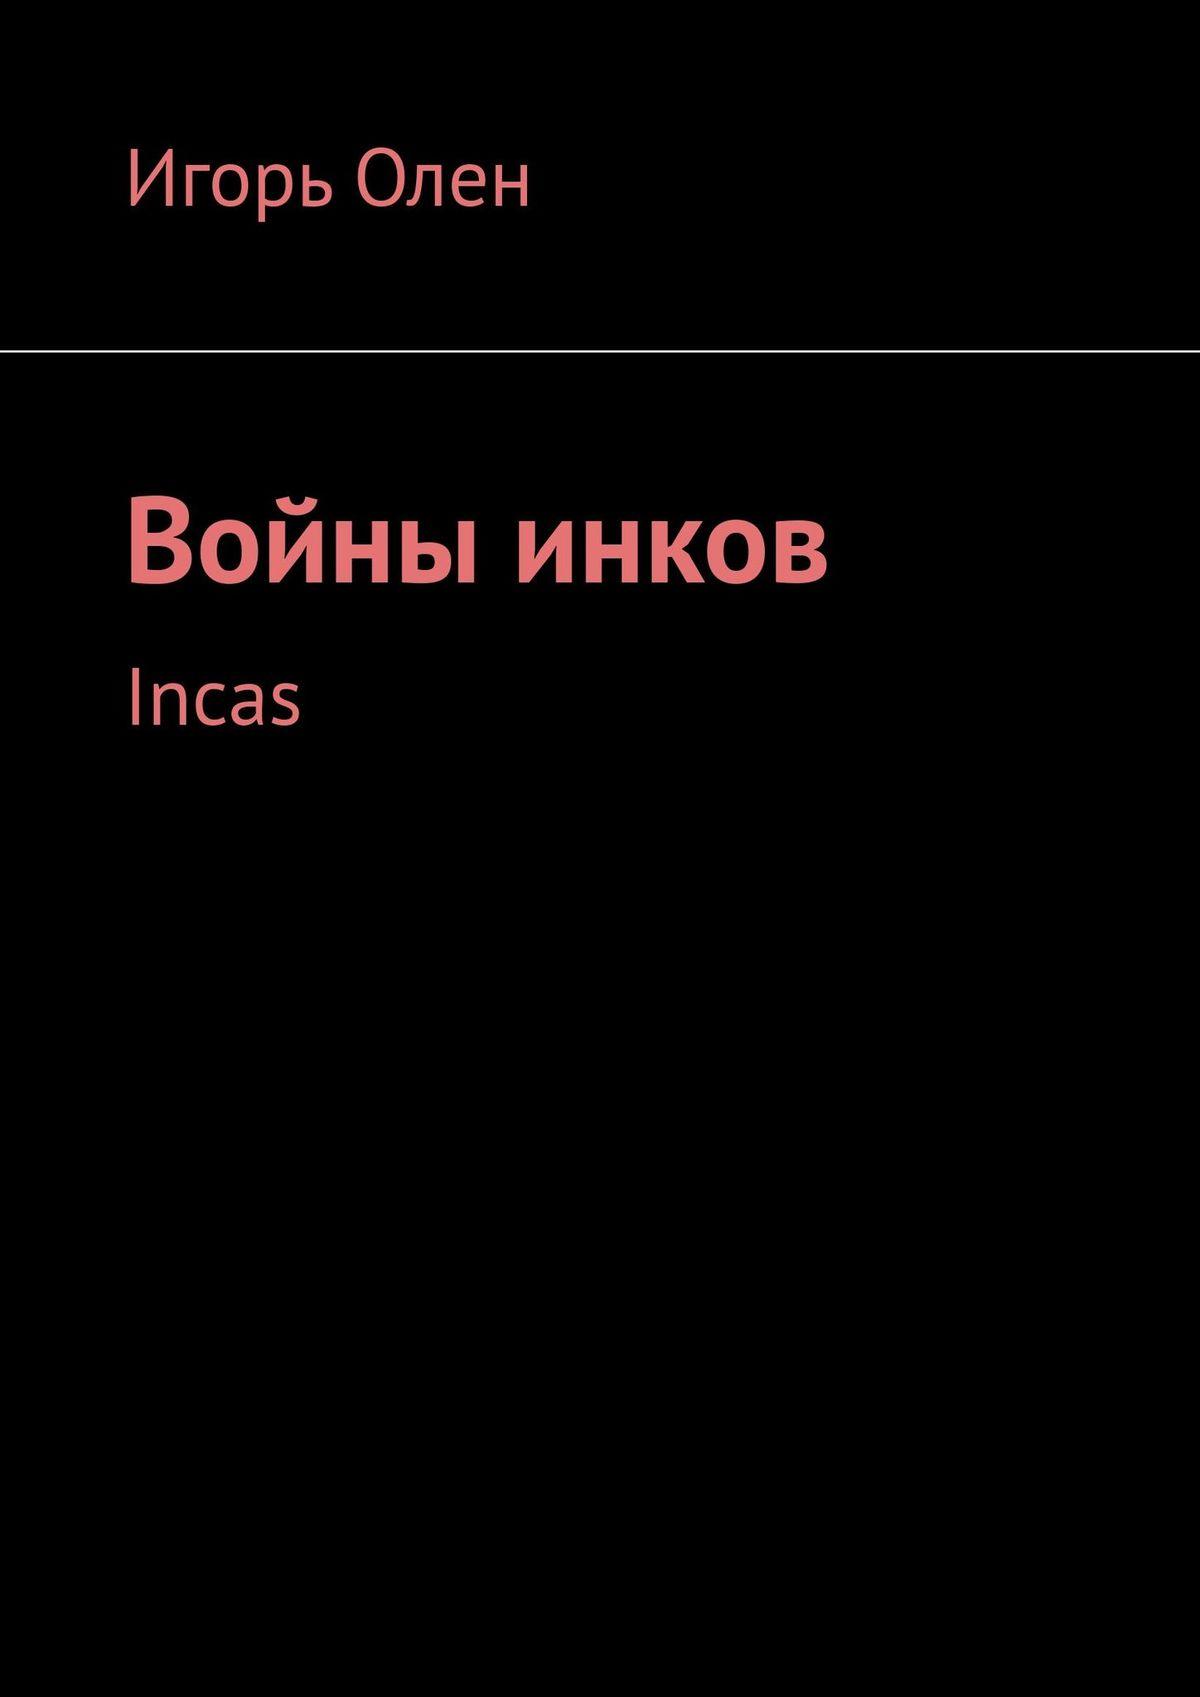 Игорь Олен Инкские войны. Incas игорь олен инкские войны incas